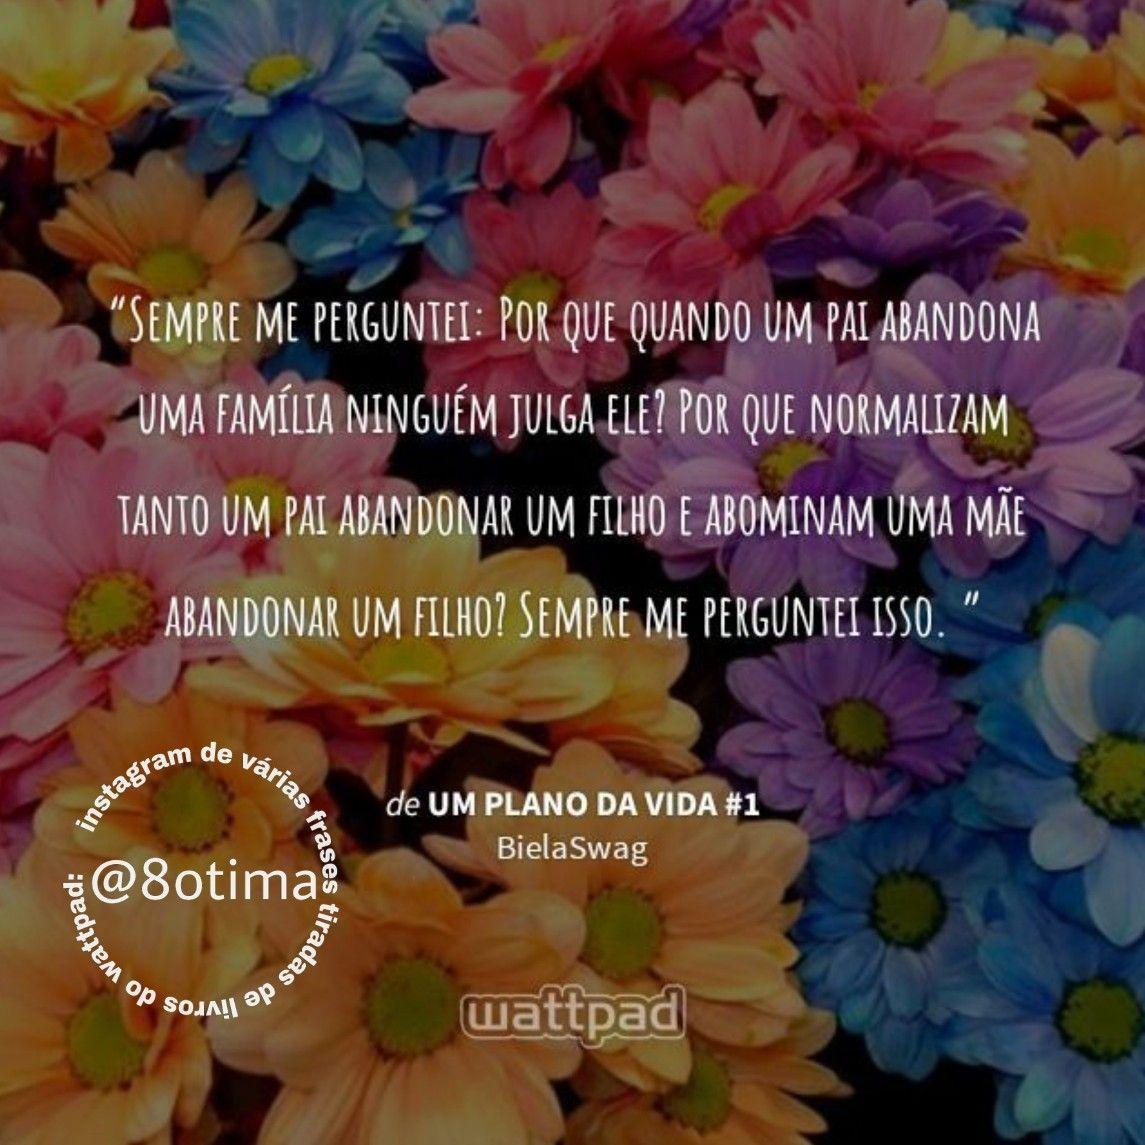 Siga At 8otima Frasestumblr Frases Frase Frasesinstagram Tumblr